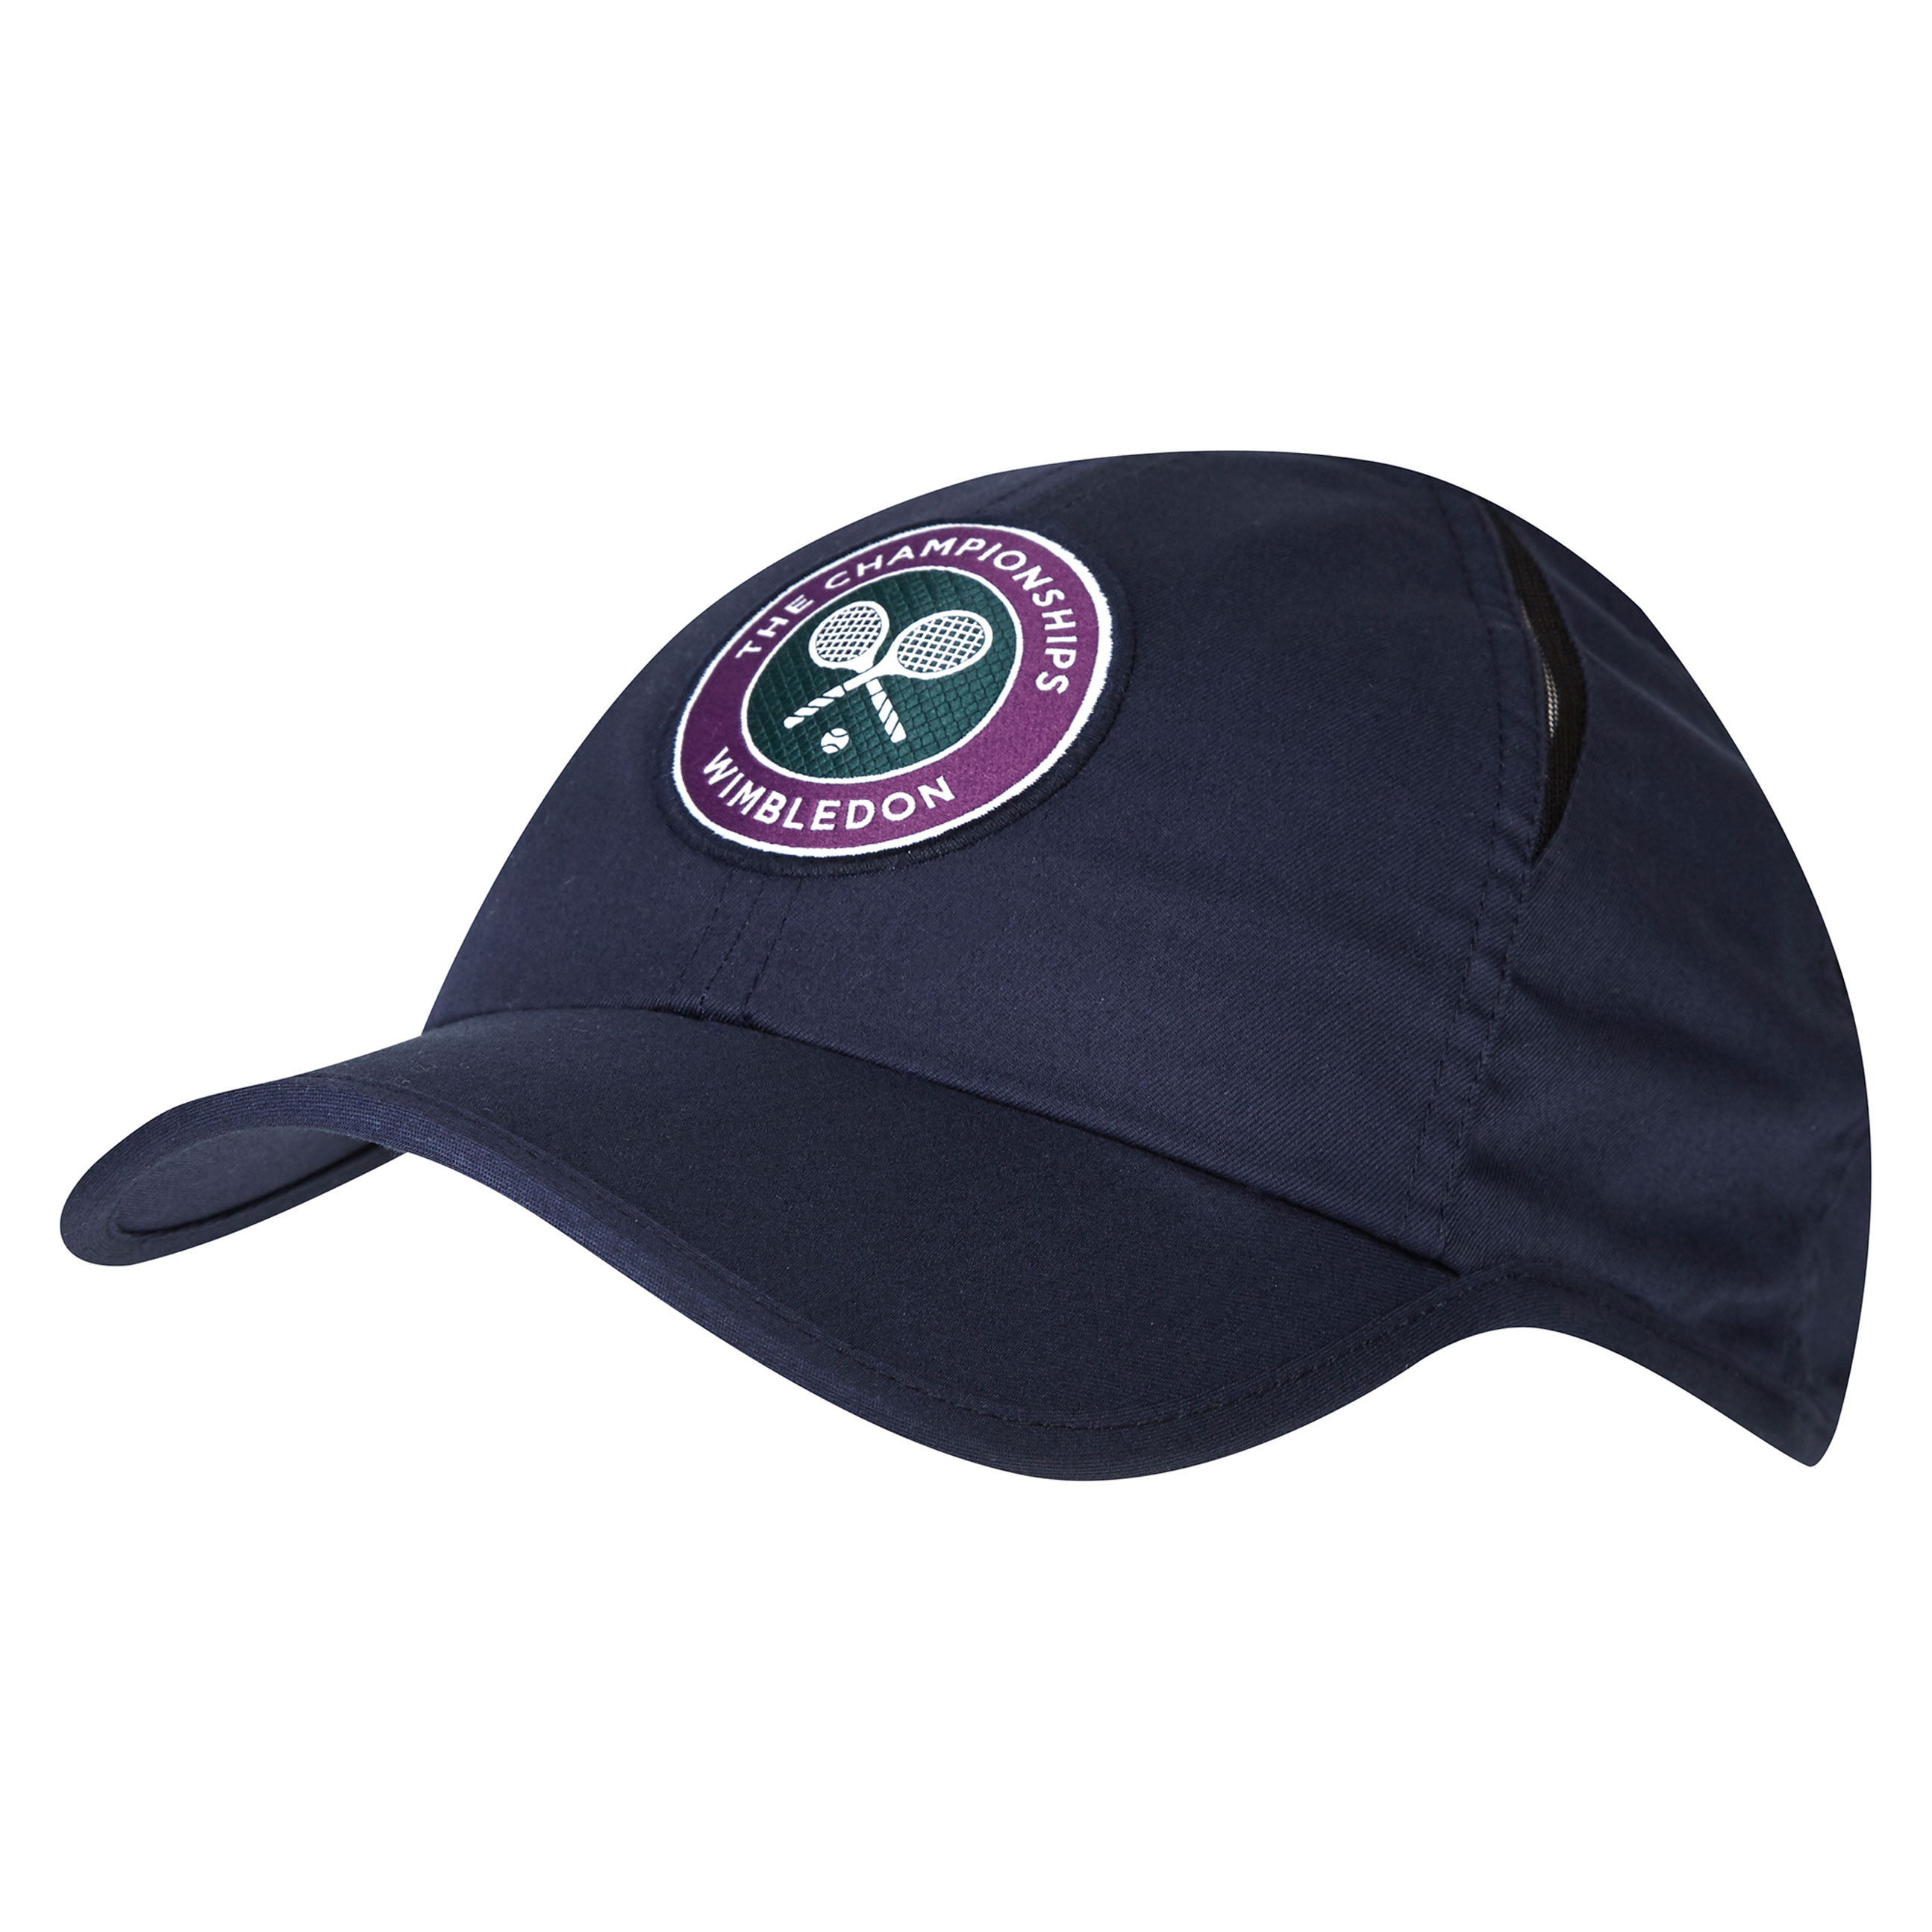 Wimbledon Ralph Lauren Cross Court Hat - French Navy